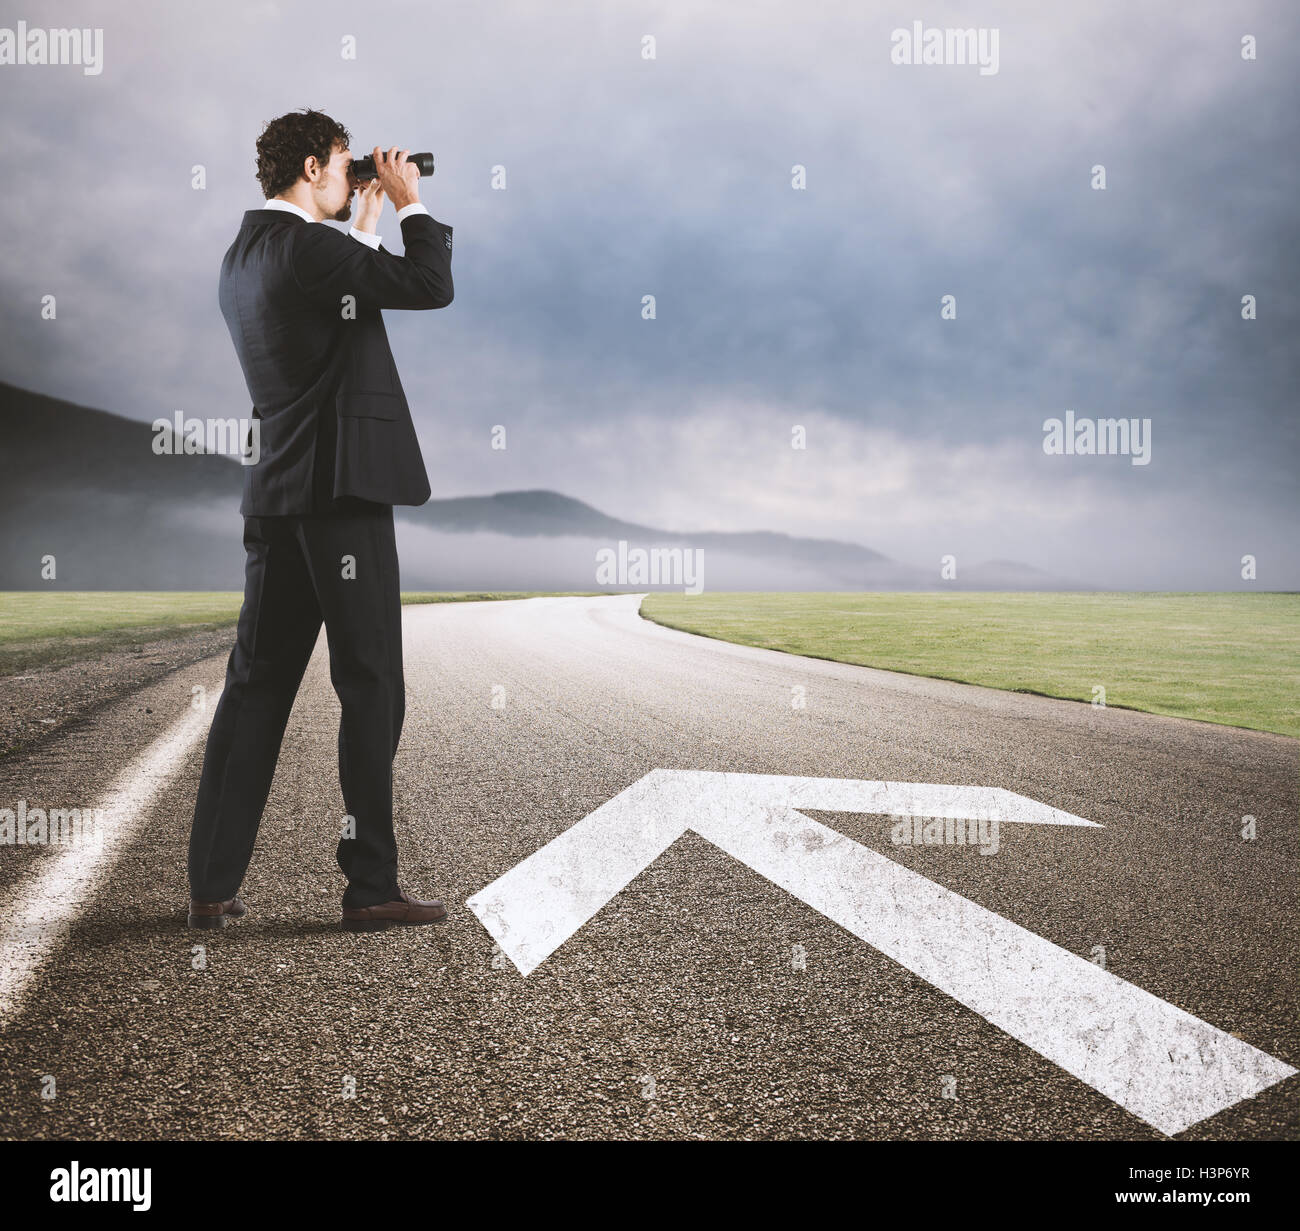 Seguire la strada per il successo Immagini Stock